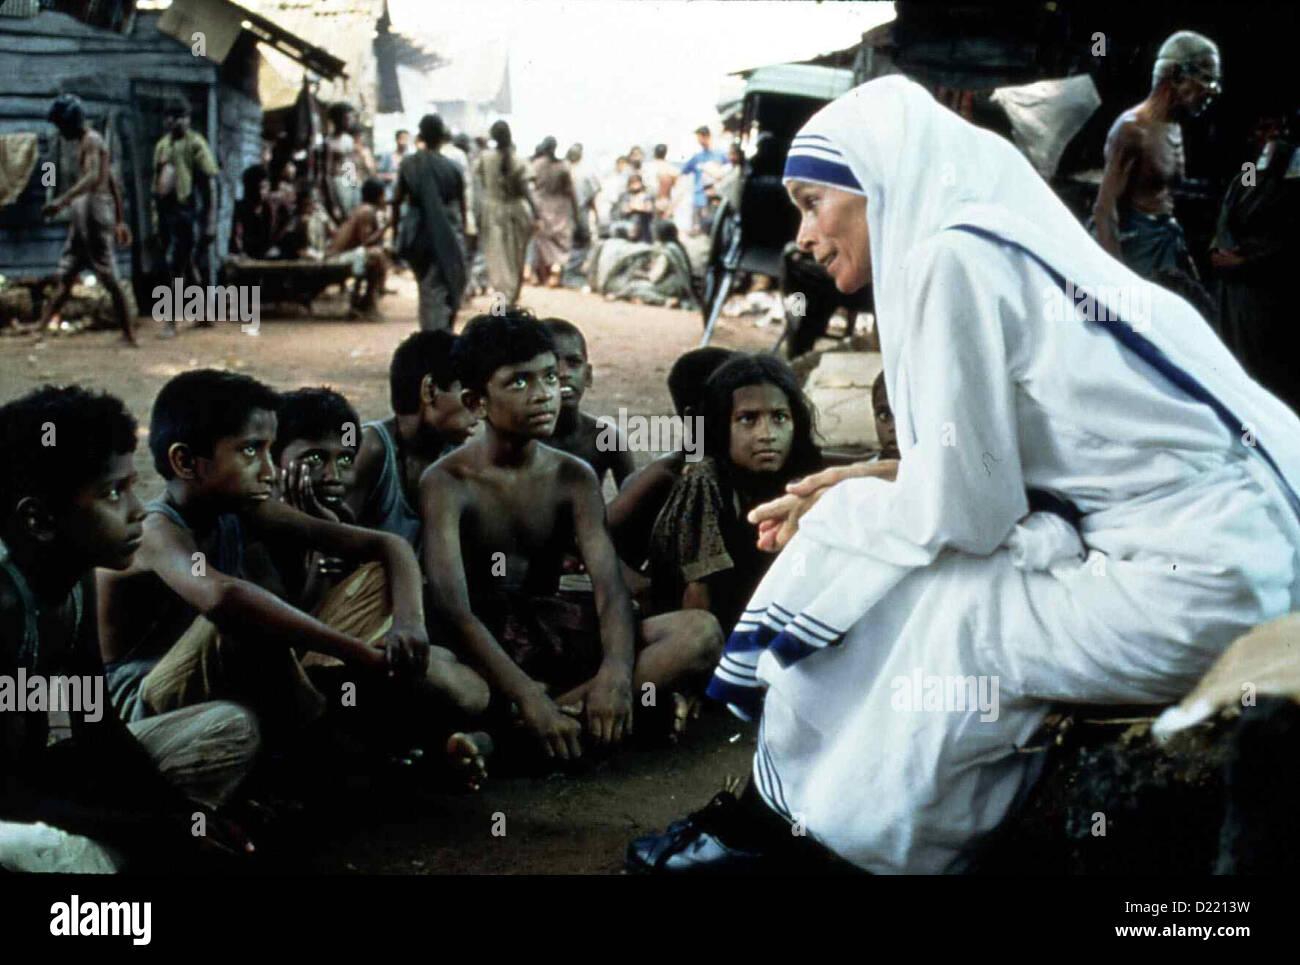 Mutter Teresa Mother Teresa: In Name God's Poor Mutter Teresa Stock